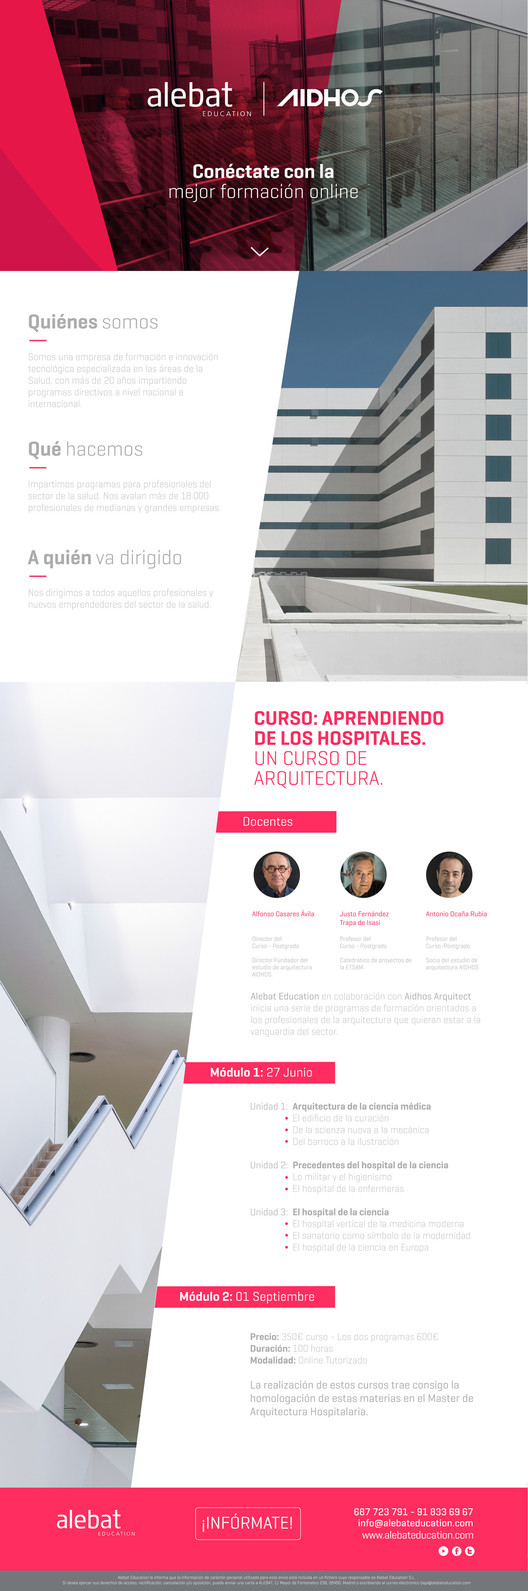 Aprendiendo de los hospitales un curso de arquitectura for Cursos de arquitectura uni